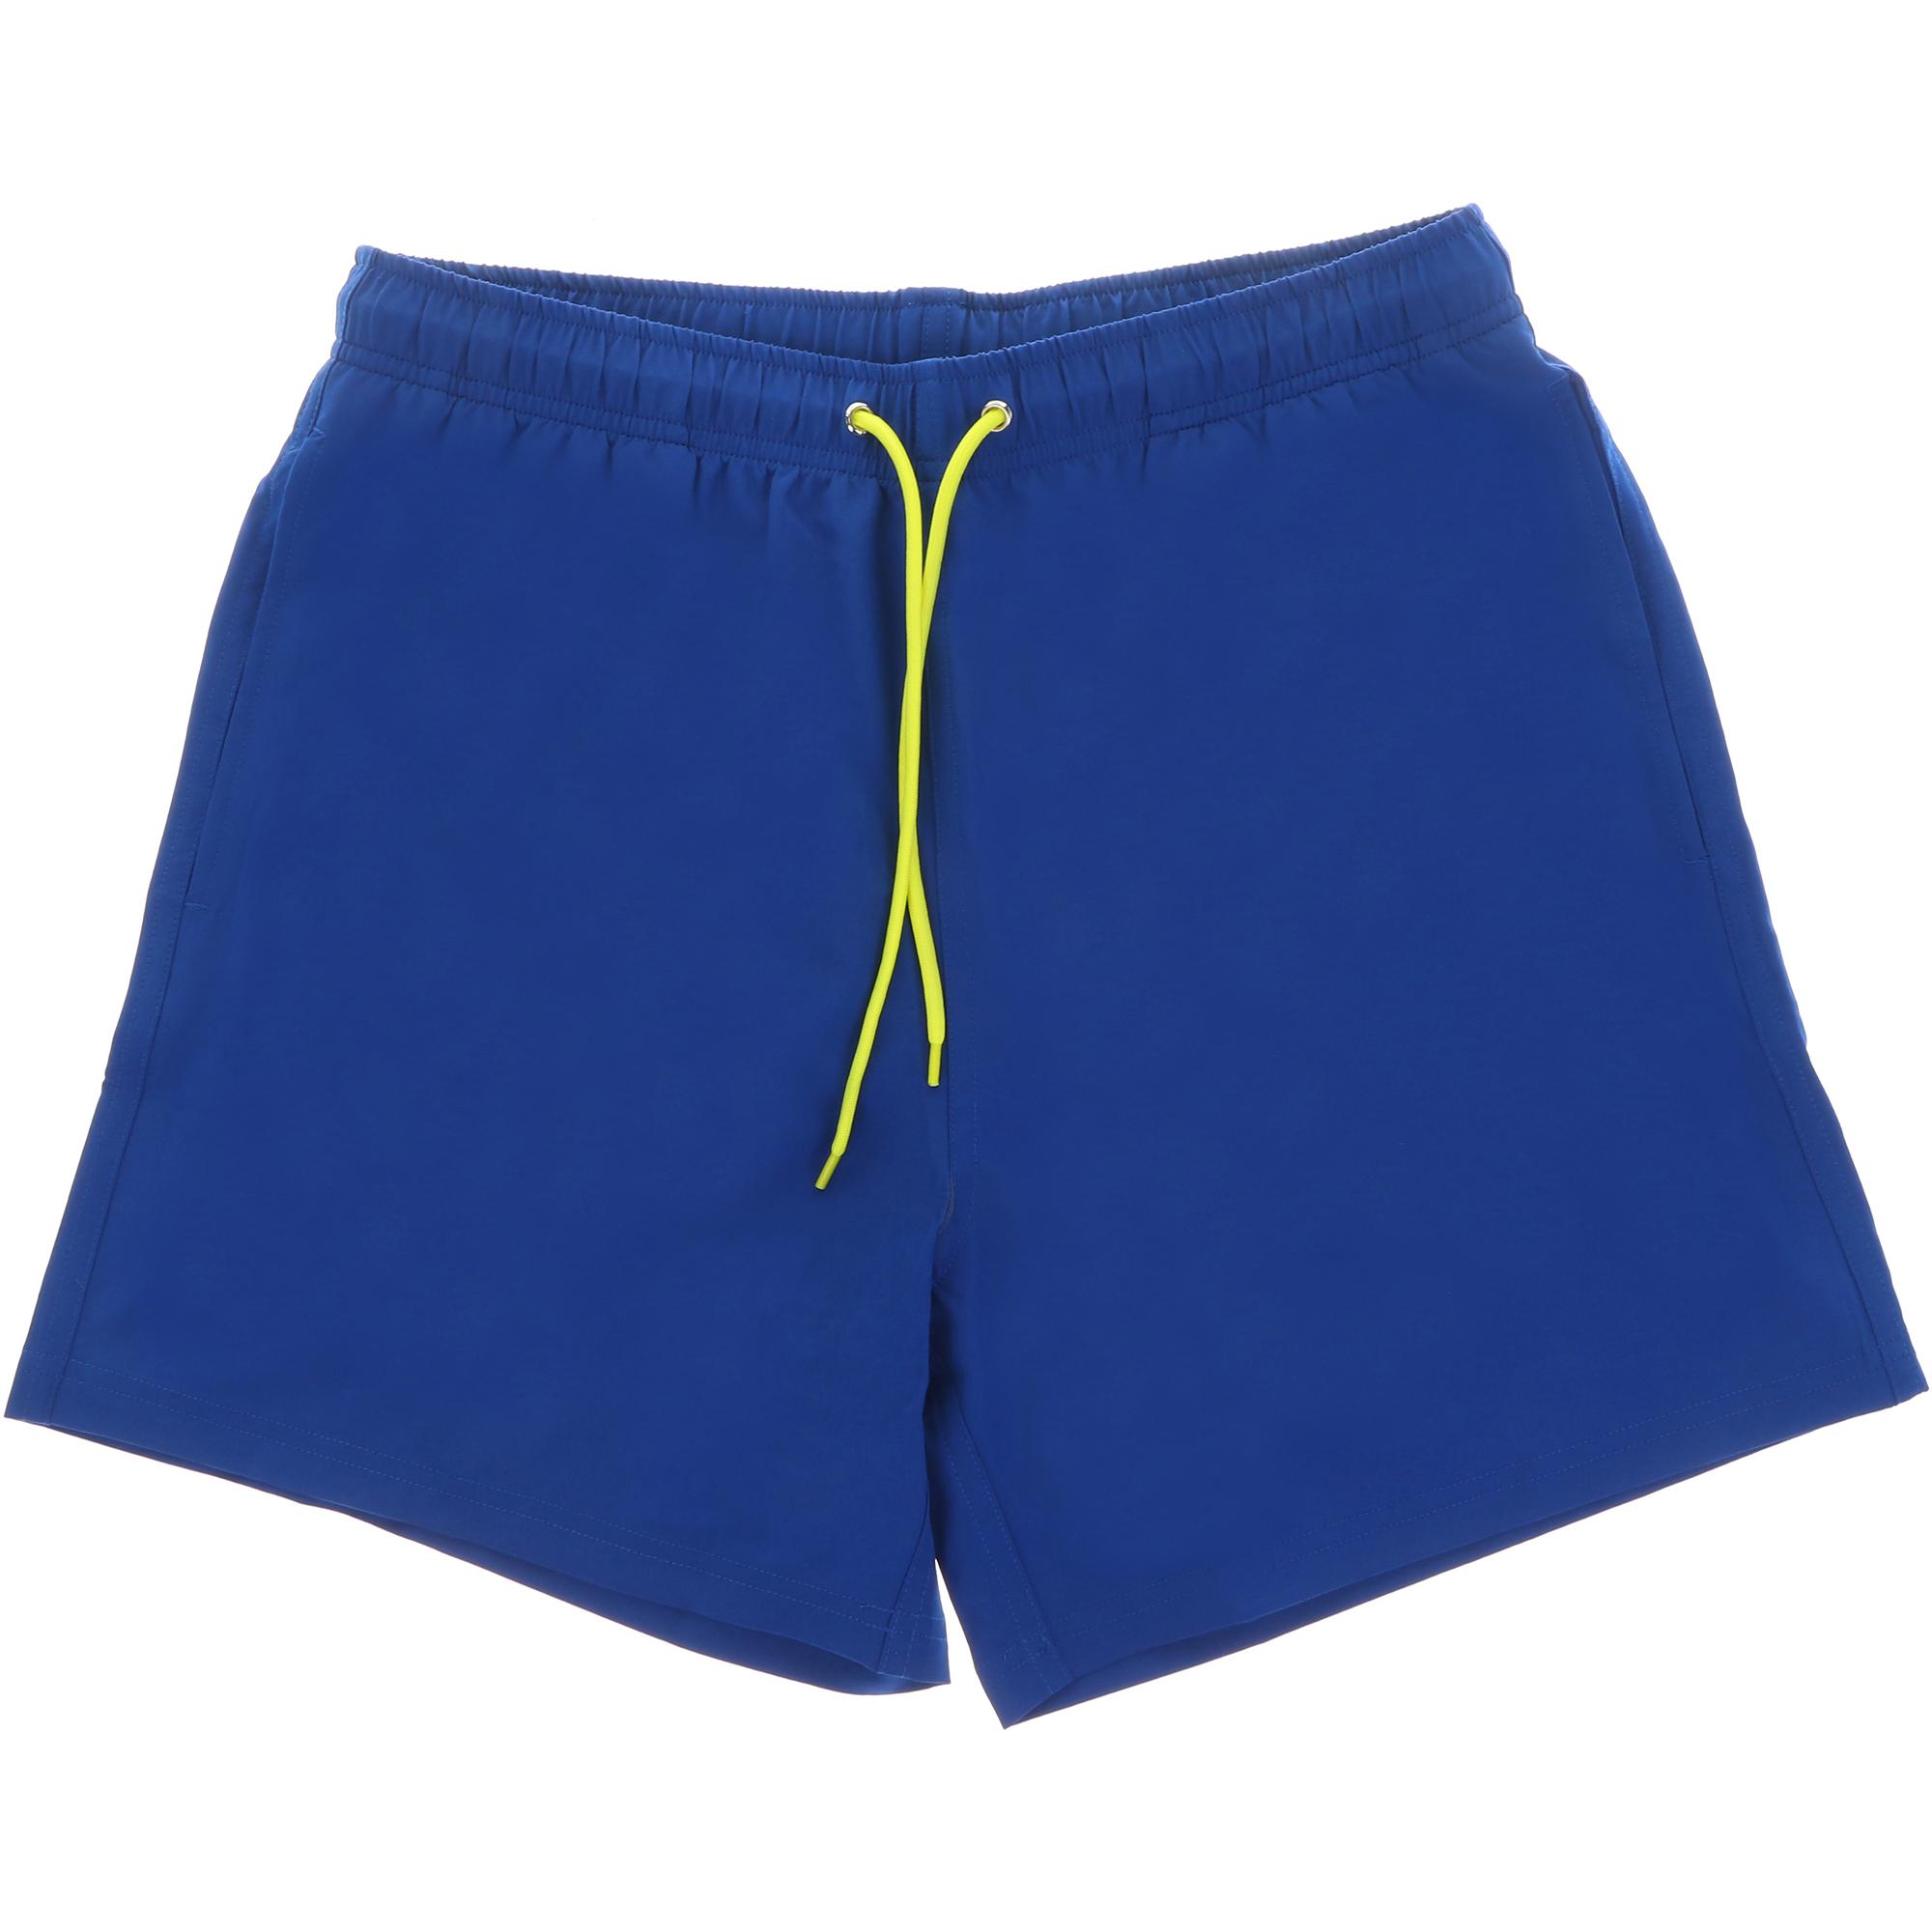 Шорты пляжные Joyord мужские синие S